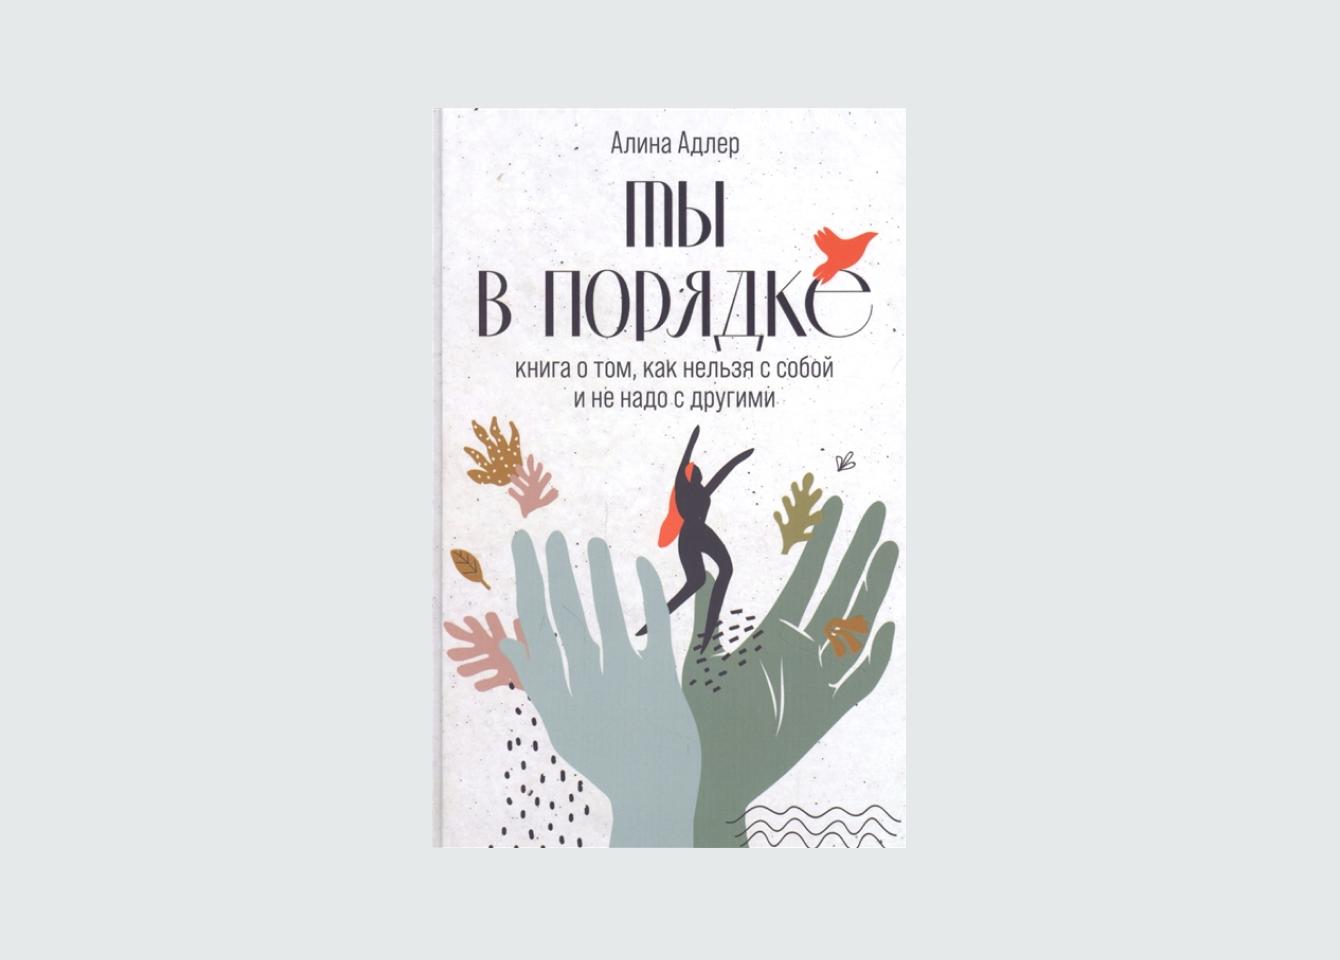 Красота, здоровье, осознанность, правильное питание: 11 новых книг для заботы о себе (фото 10)